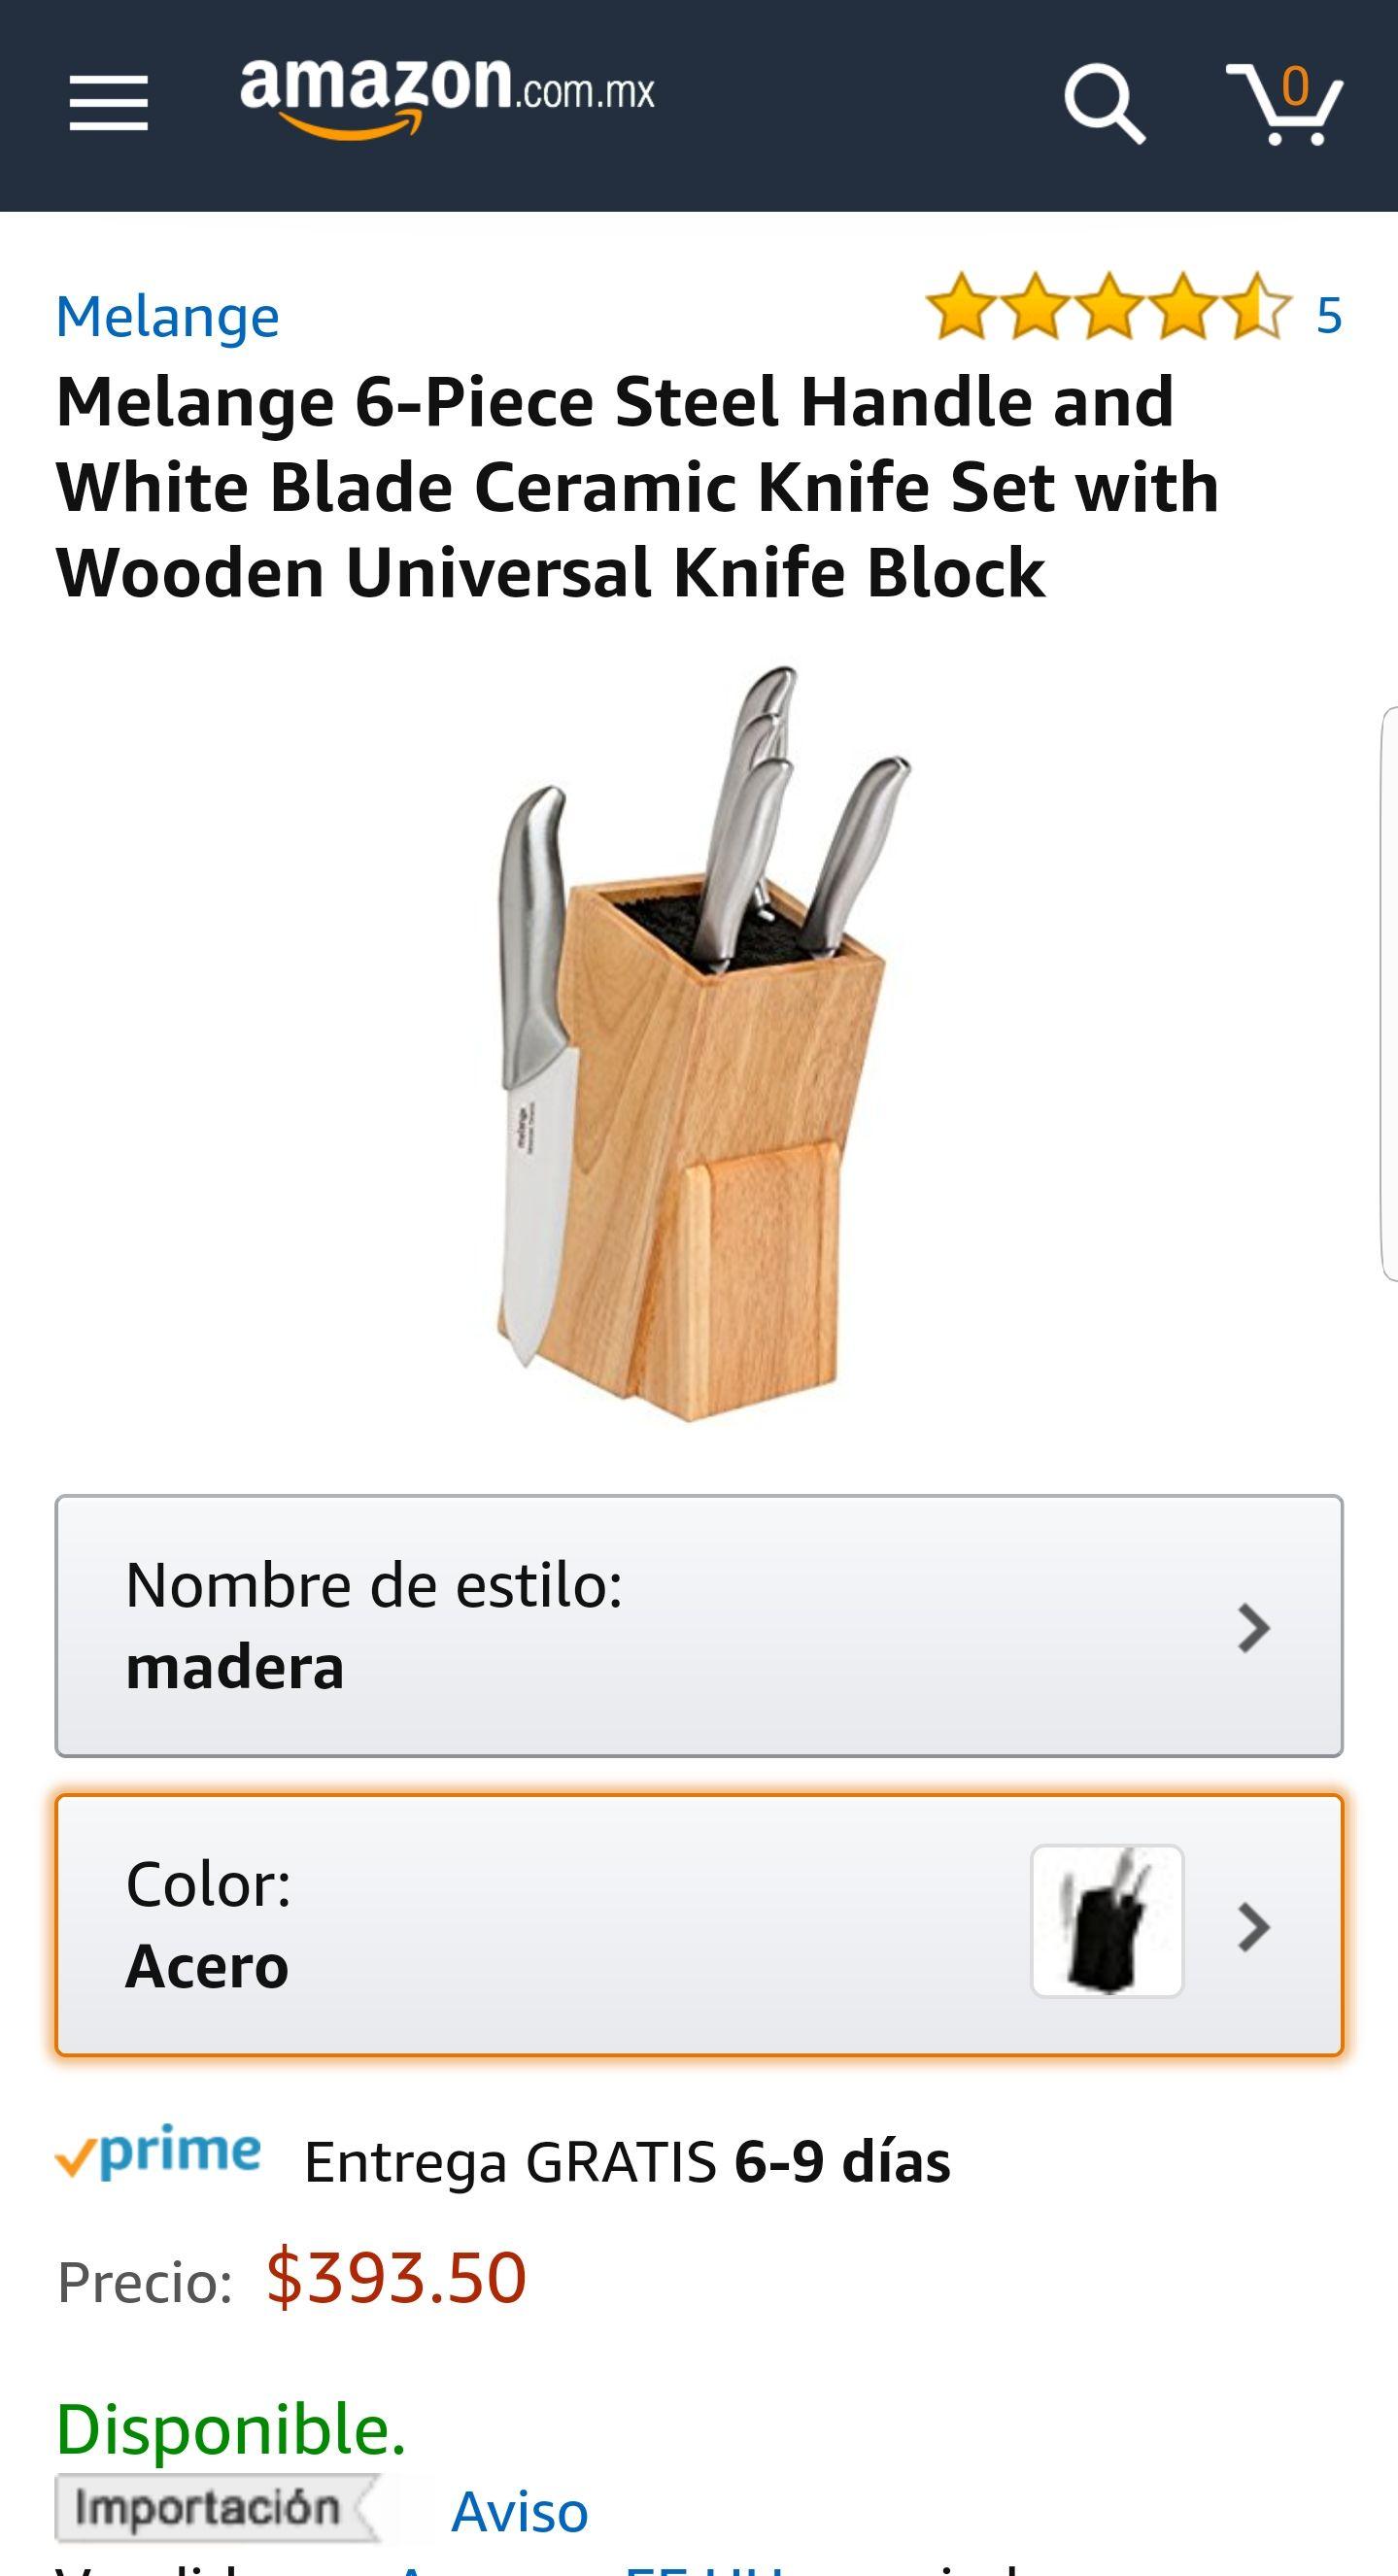 Amazon México: Set de cuchillos Melange 6 piezas cerámicos, mango de acero.